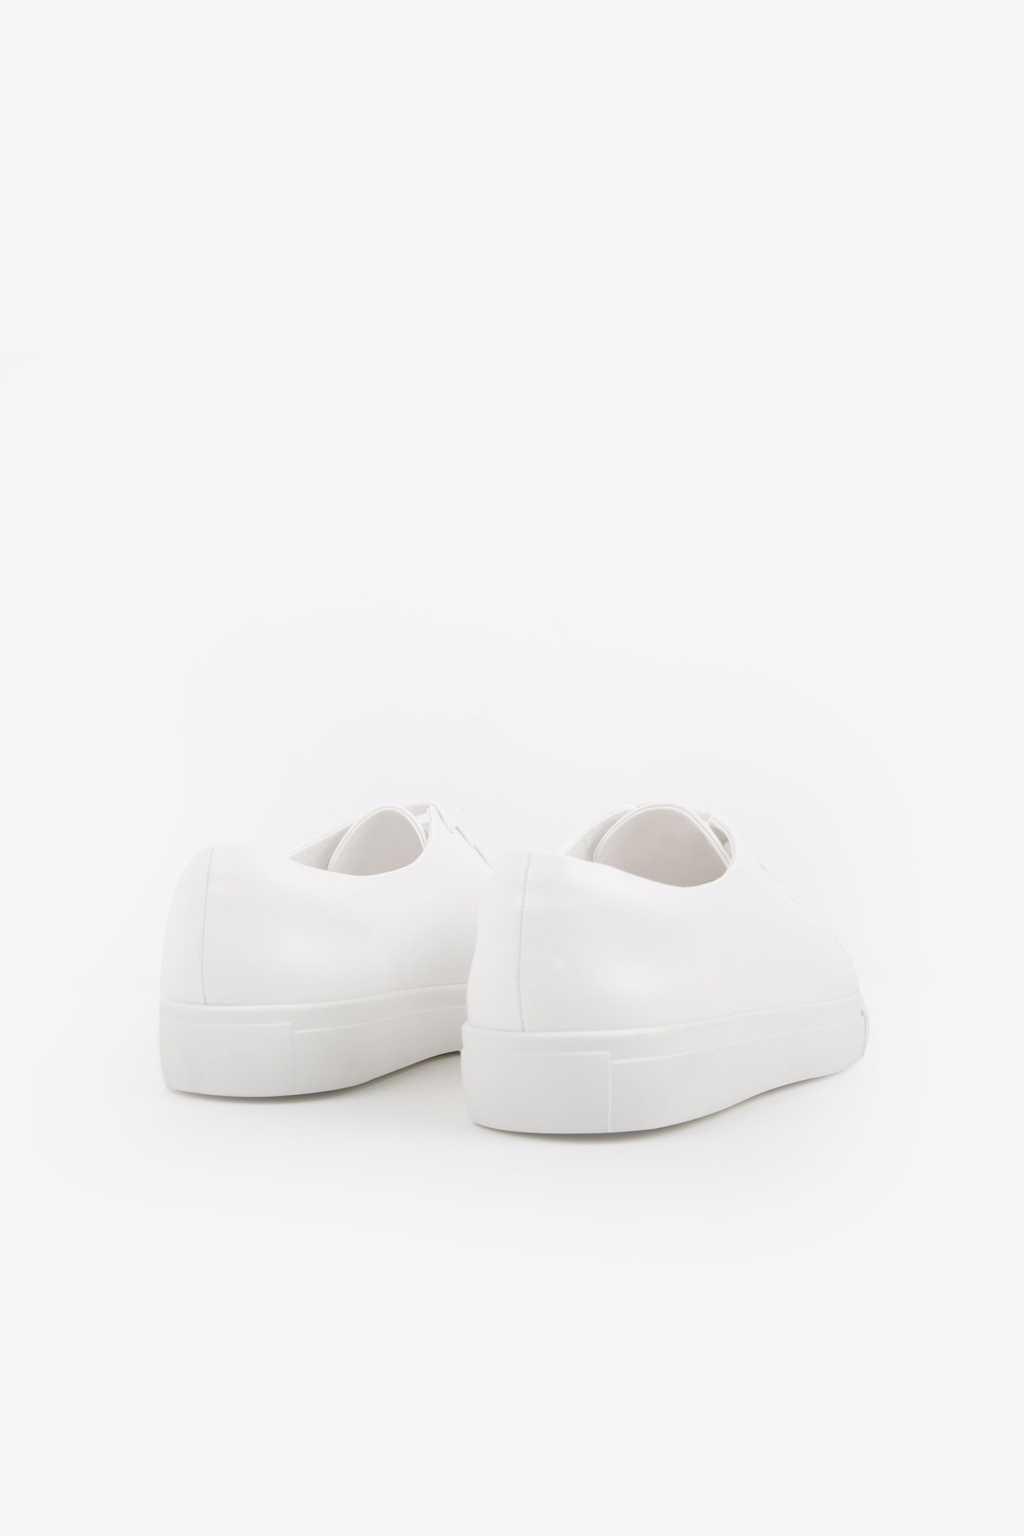 Sneaker 1339 White 3